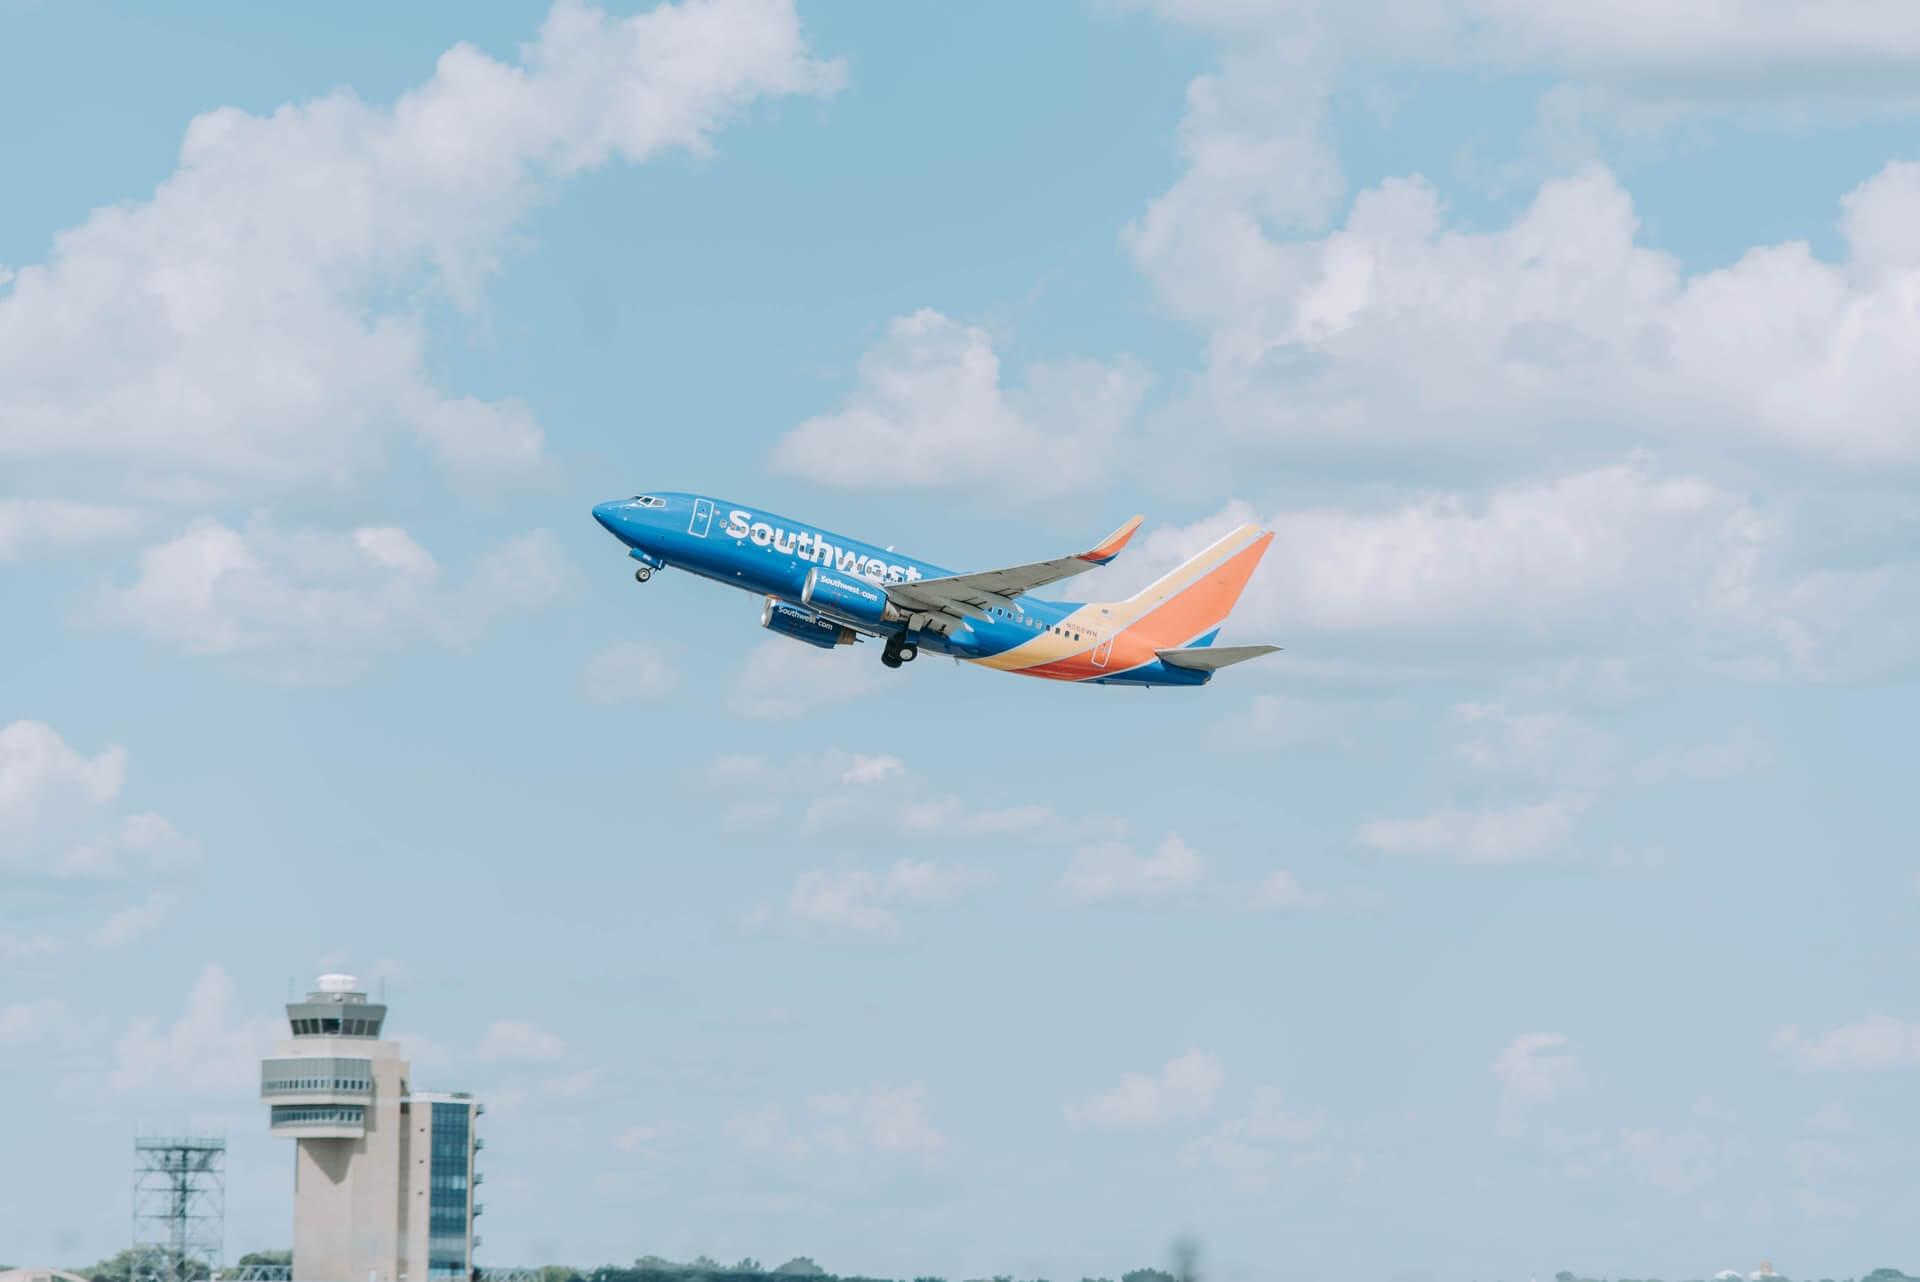 Международный аэропорт Миннеаполис/Сент-Пол, США